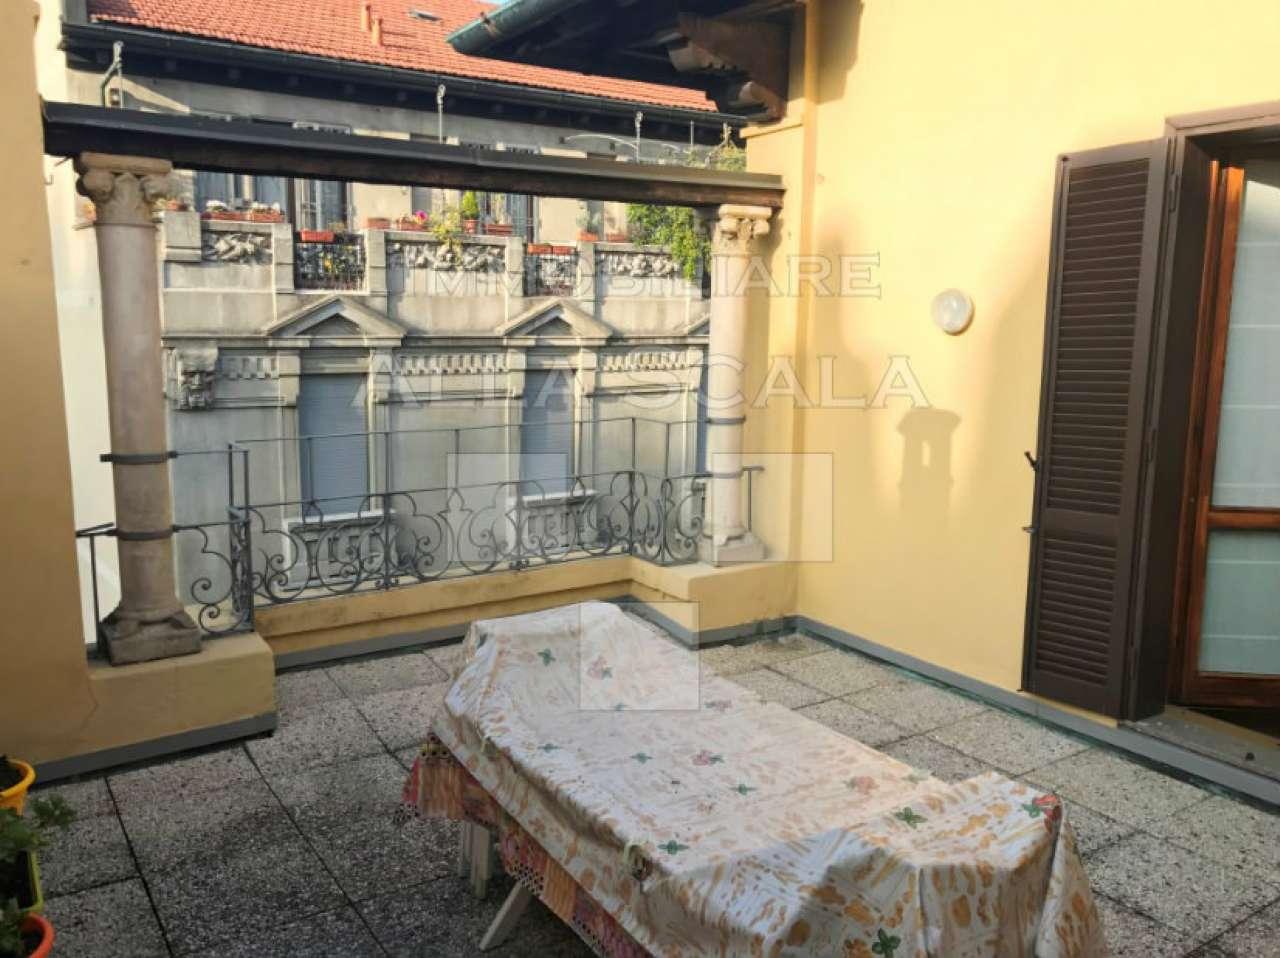 Attico / Mansarda in affitto a Milano, 5 locali, zona Zona: 1 . Centro Storico, Duomo, Brera, Cadorna, Cattolica, prezzo € 4.583 | CambioCasa.it